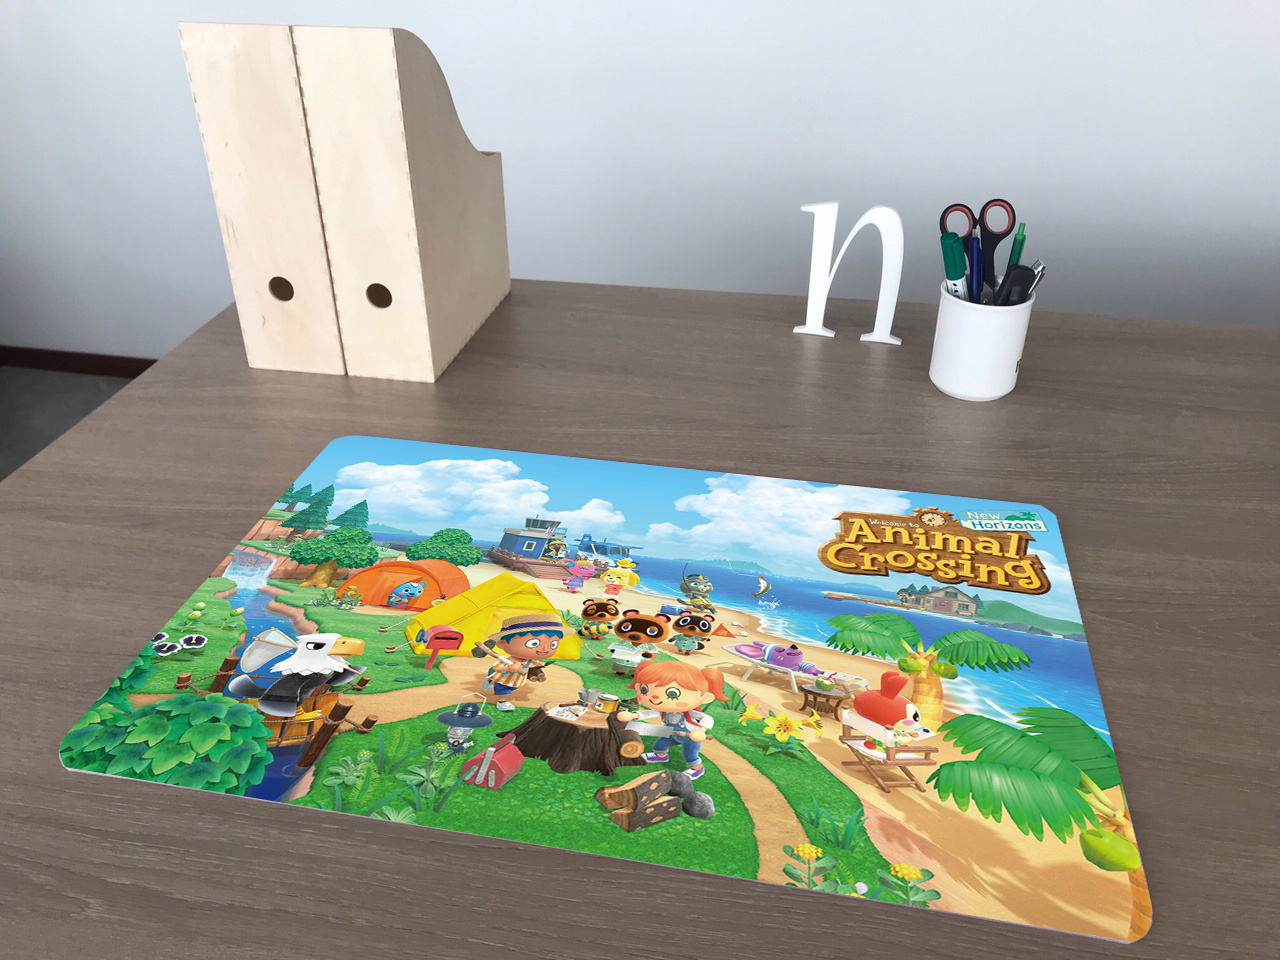 Bureau onderlegger een Animal Crossing afbeelding